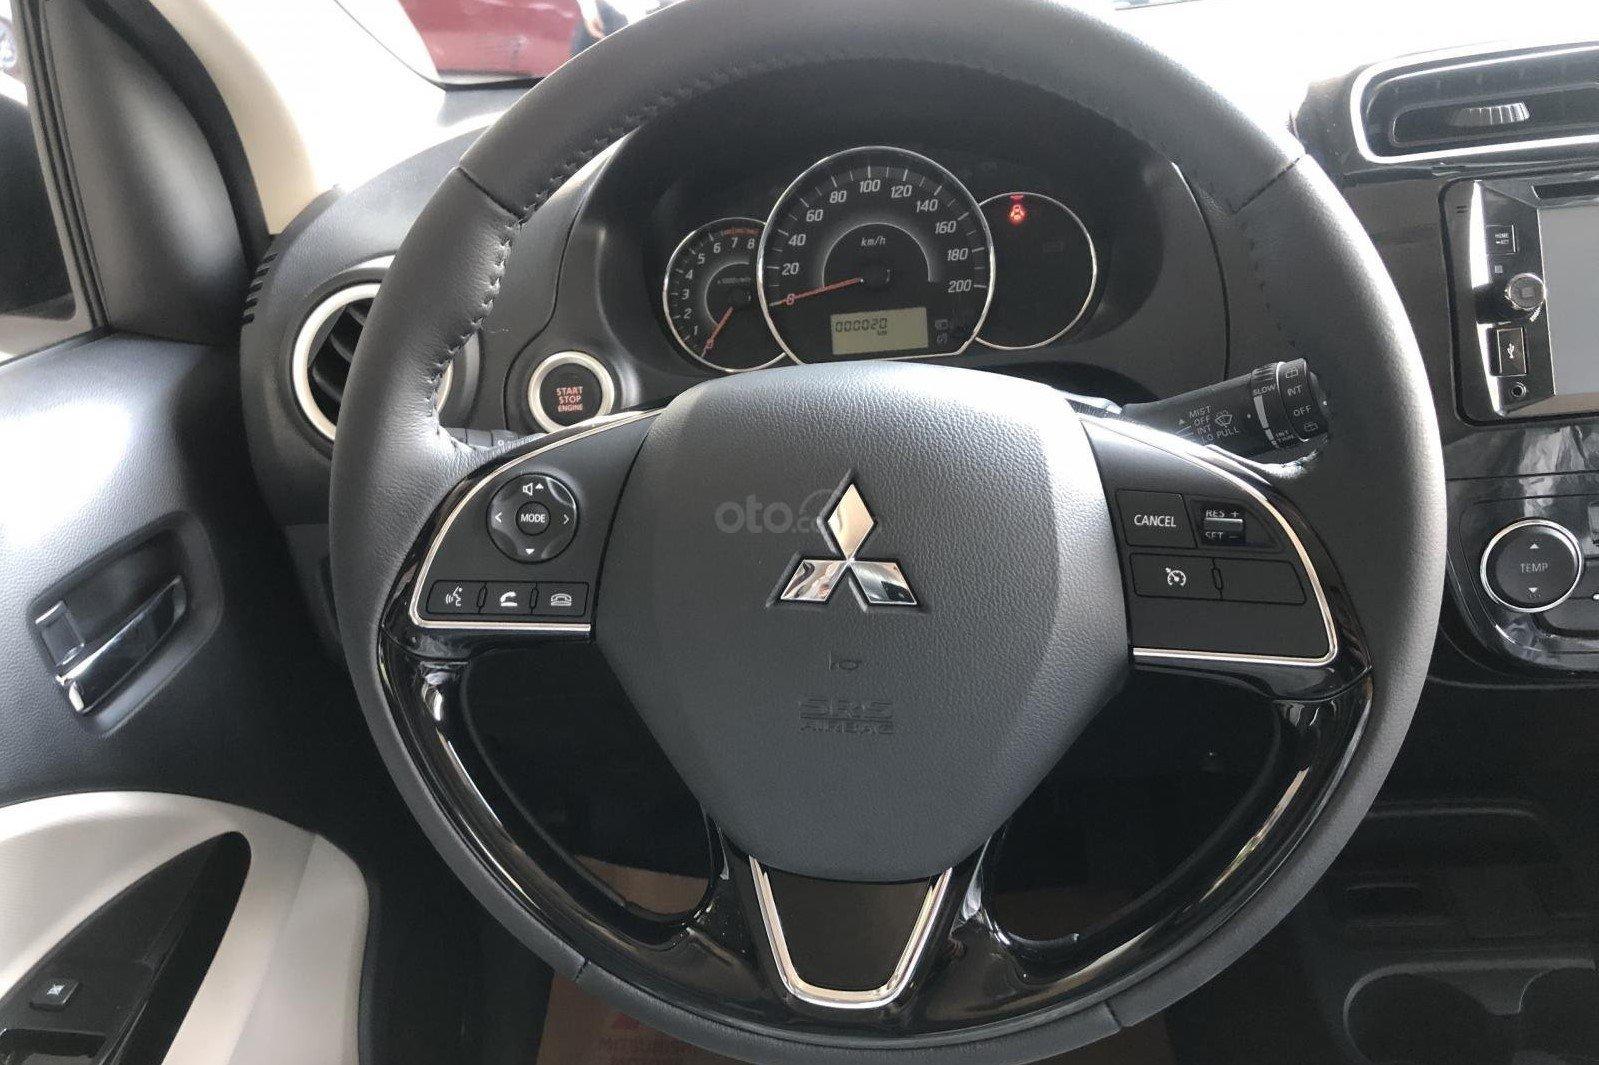 Mitsubishi Mirage 2019 CTV sử dụng vô lăng bọc da